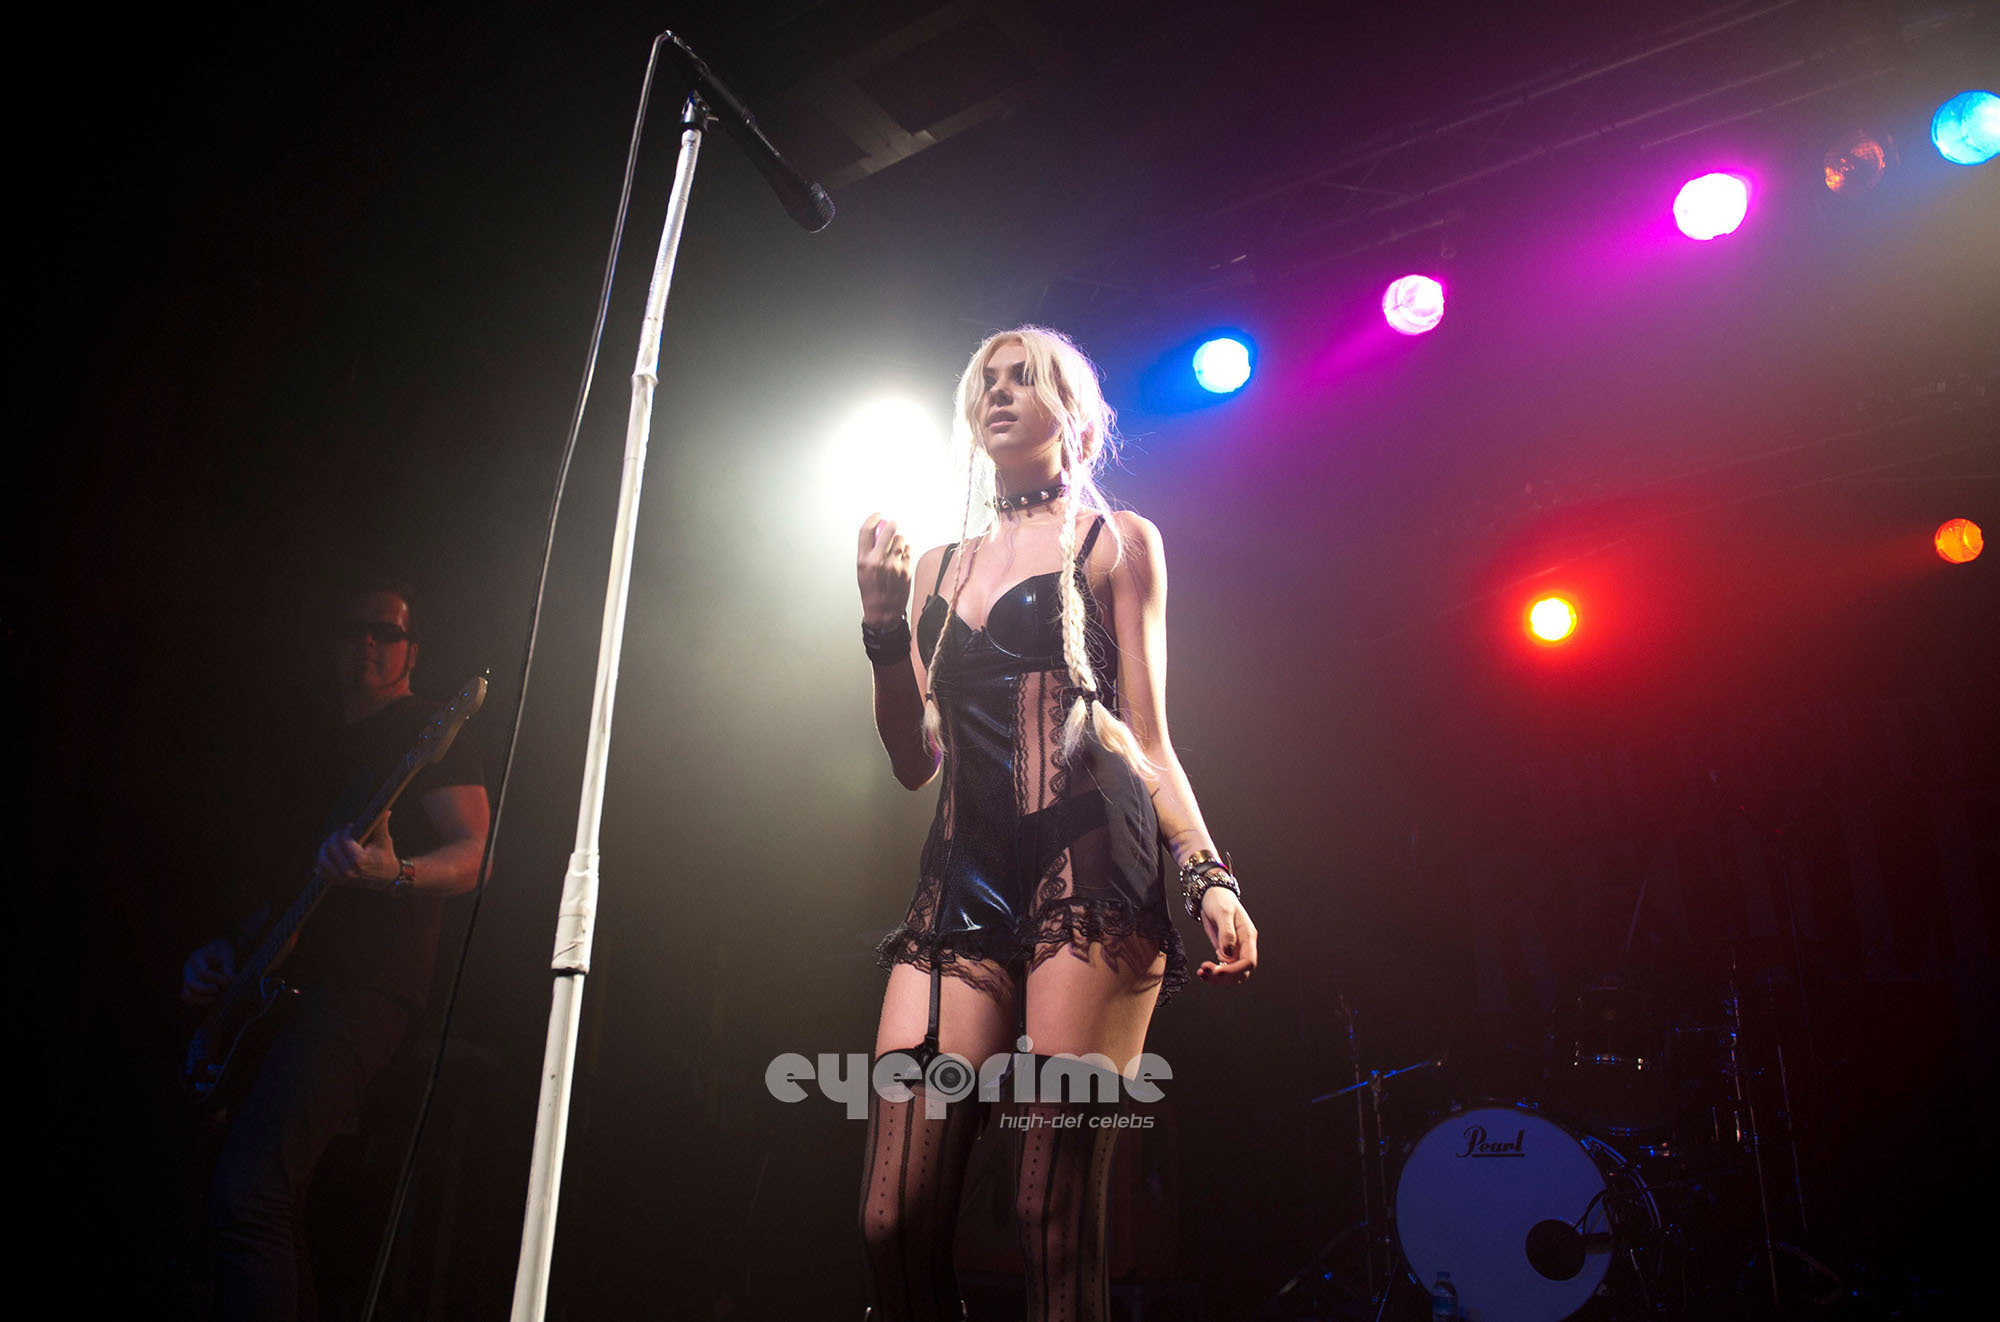 Taylor Momsen performs at C-Club in Tempelhof, Berlin